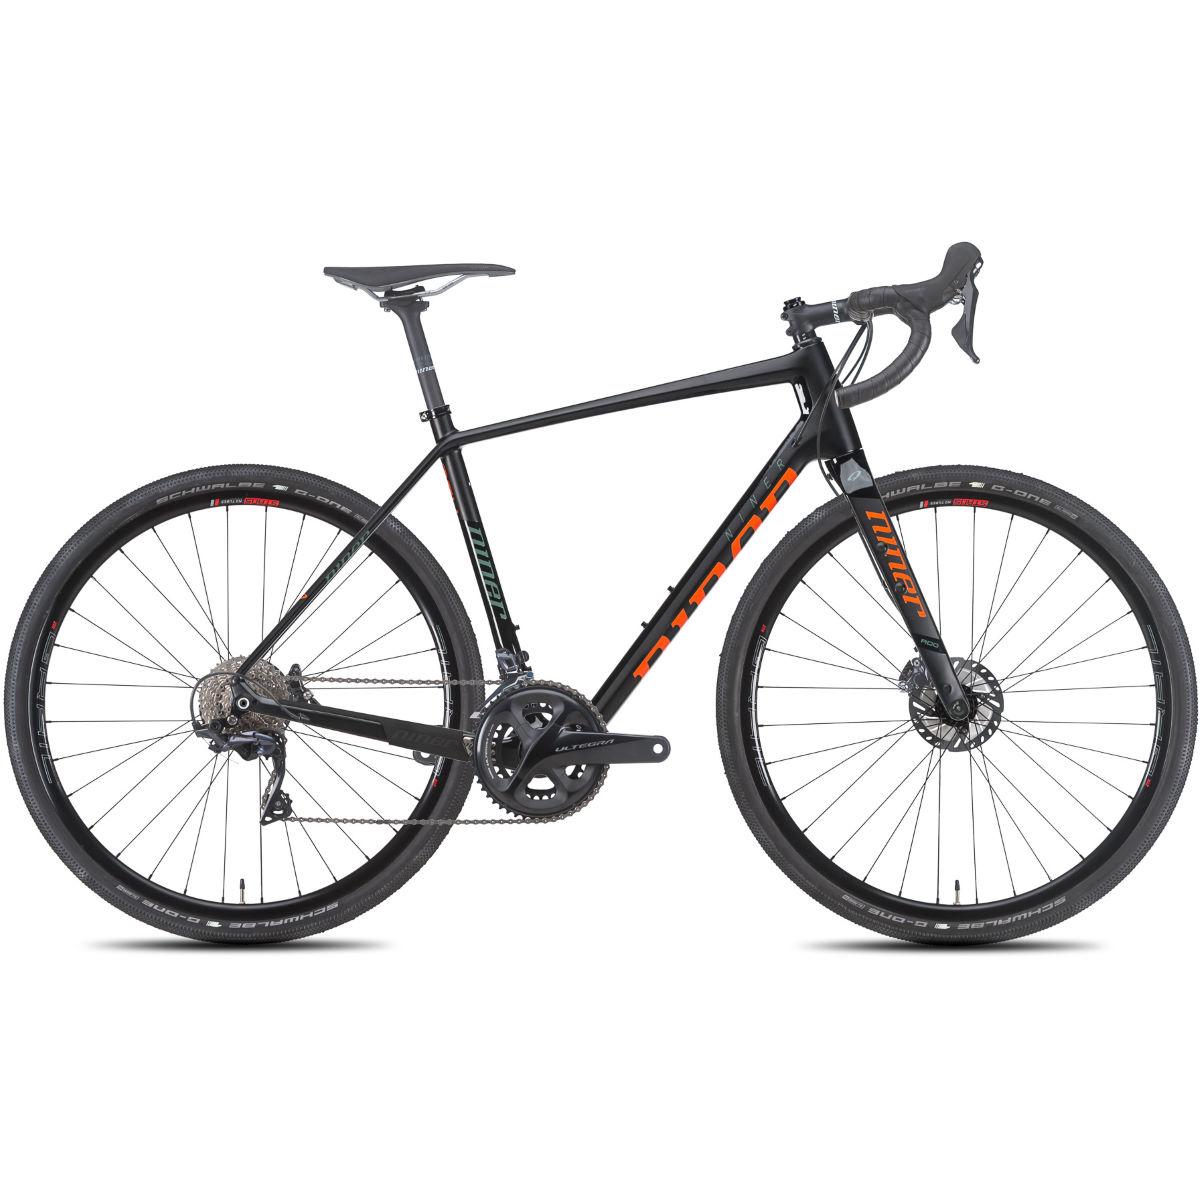 Niner RLT 9 RDO 4-Star Ultegra Gravel Bikes